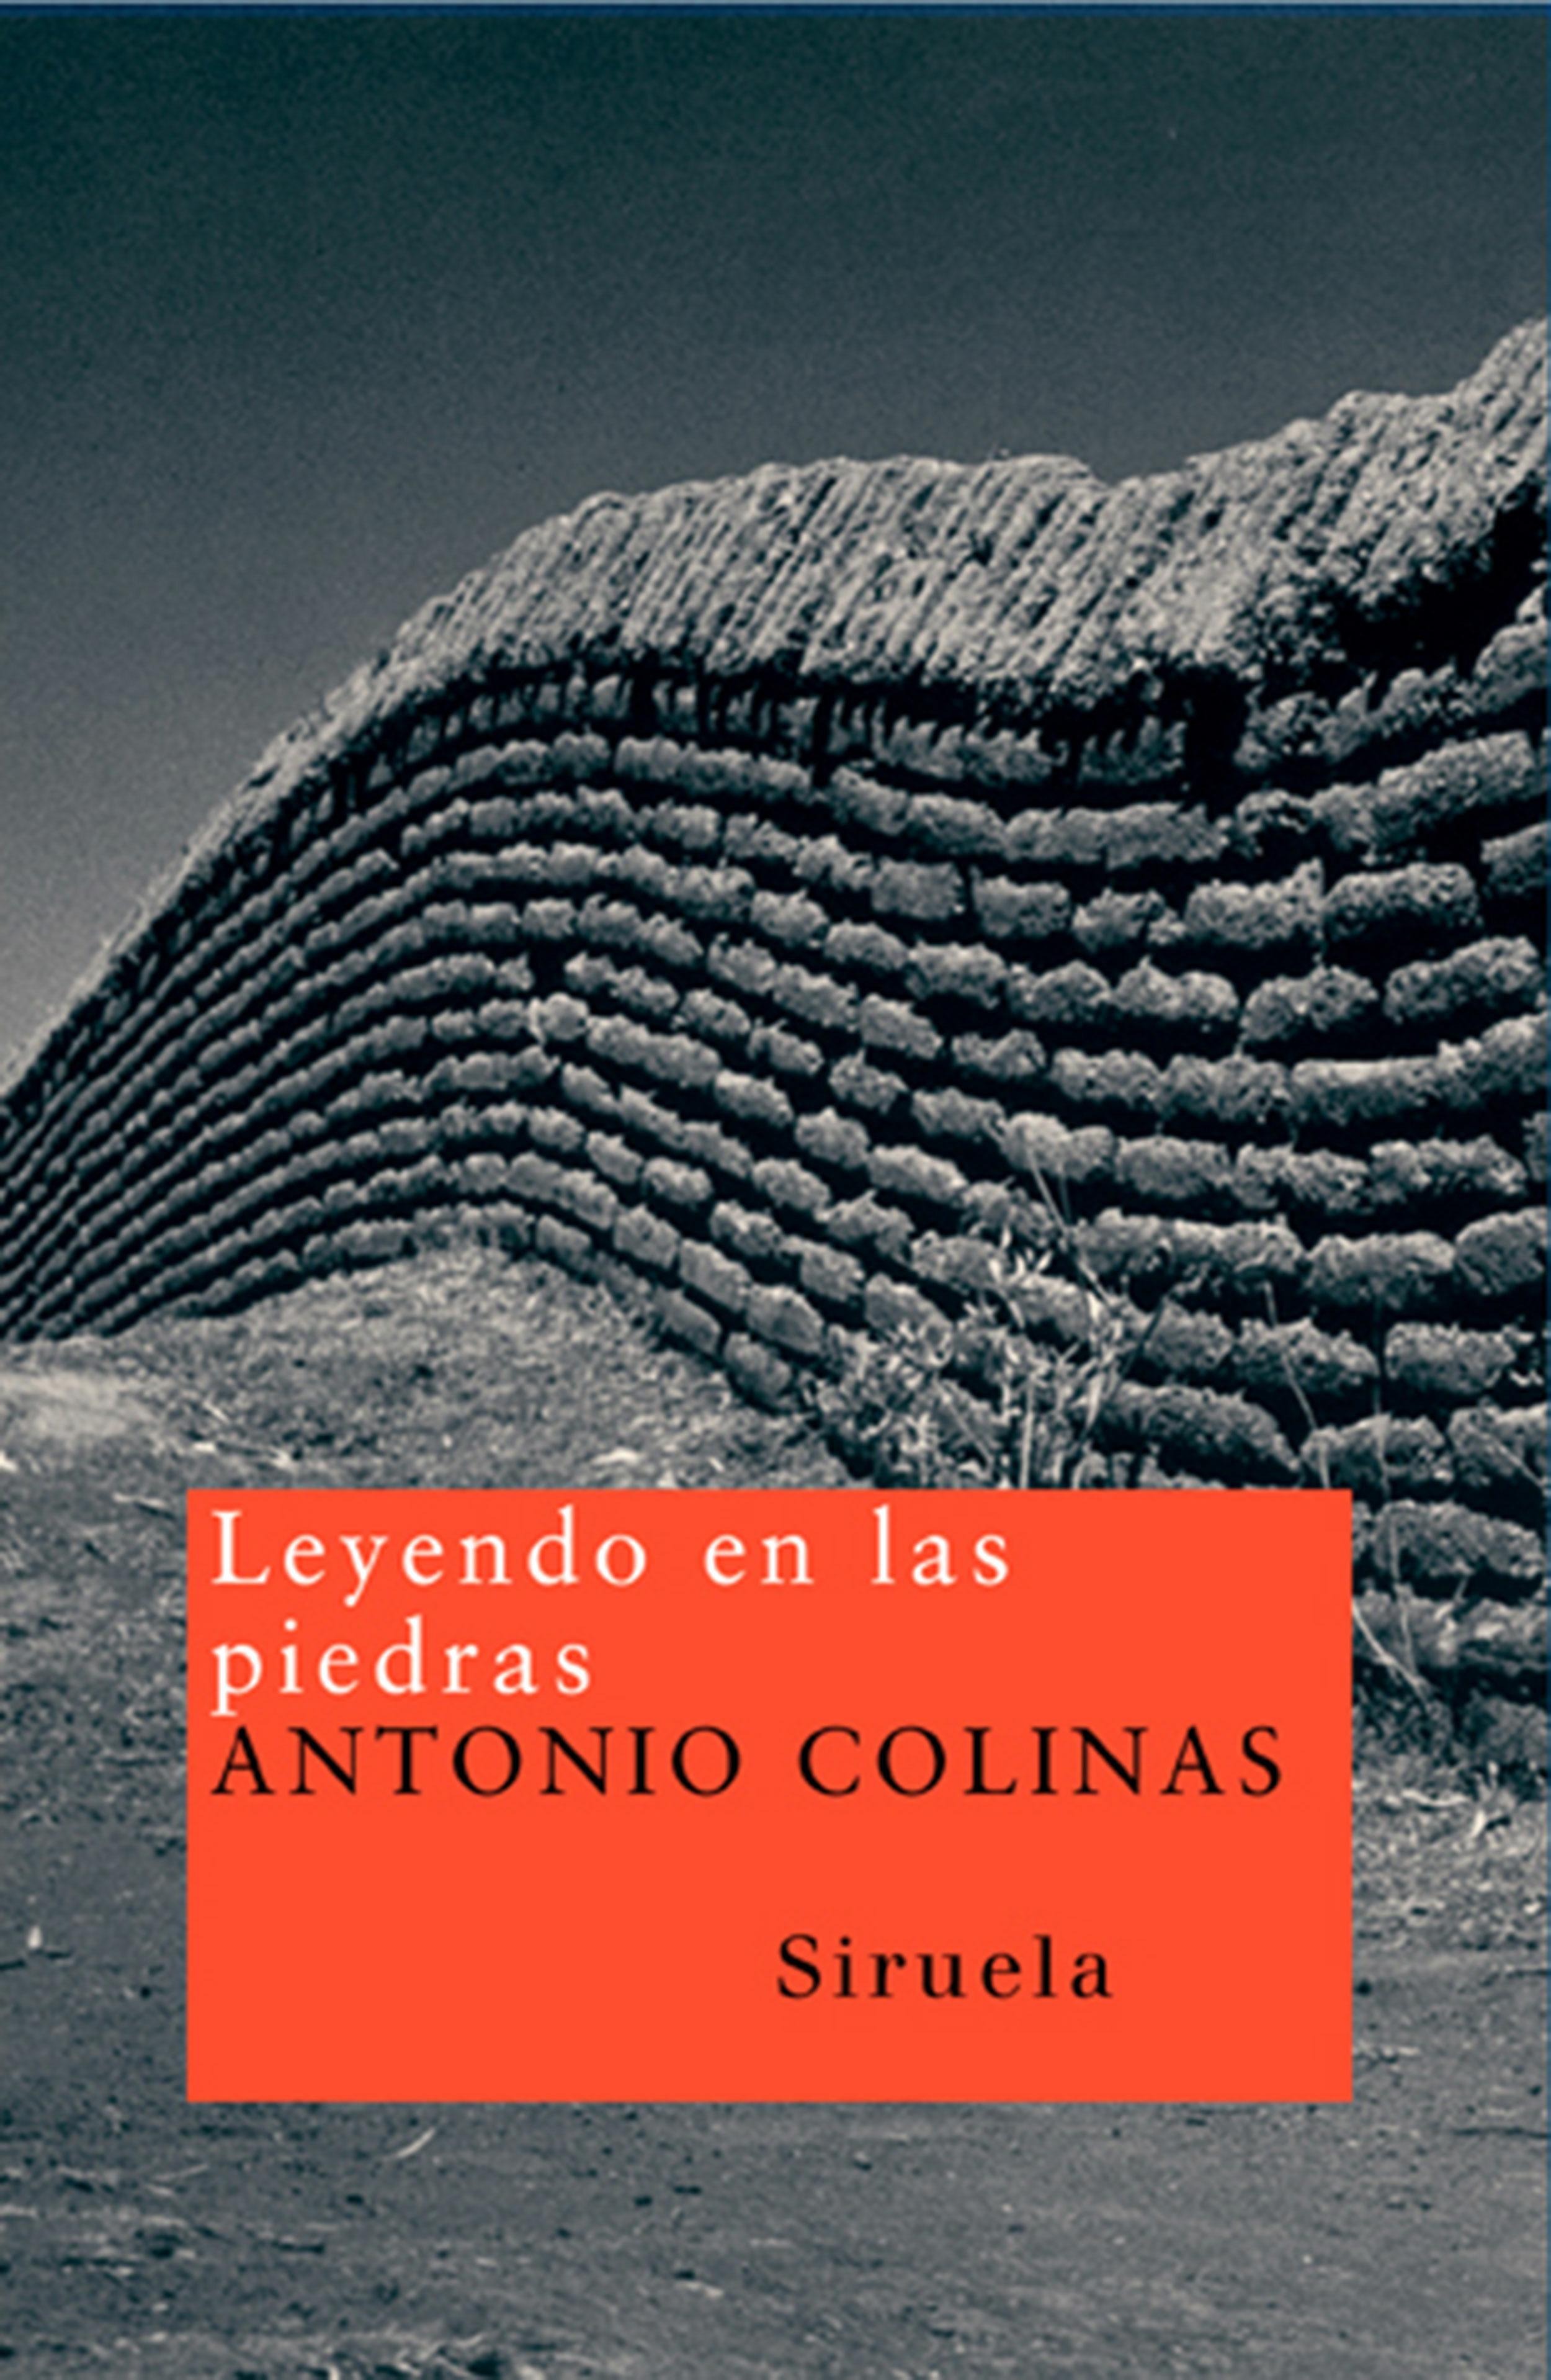 Leyendo En Las Piedras por Antonio Colinas